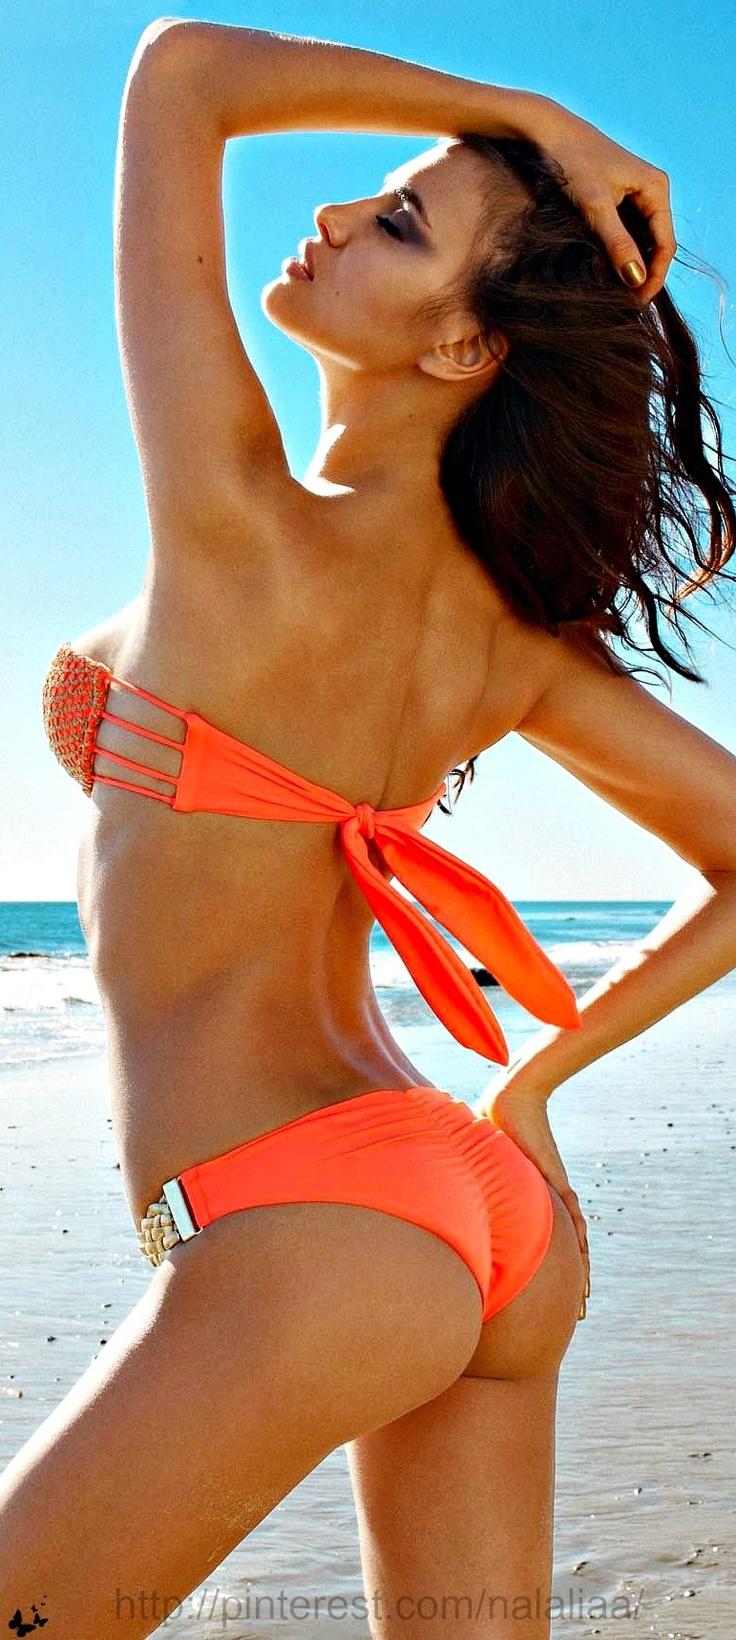 Irina Shayk Beach Bunny bikini ♥ na